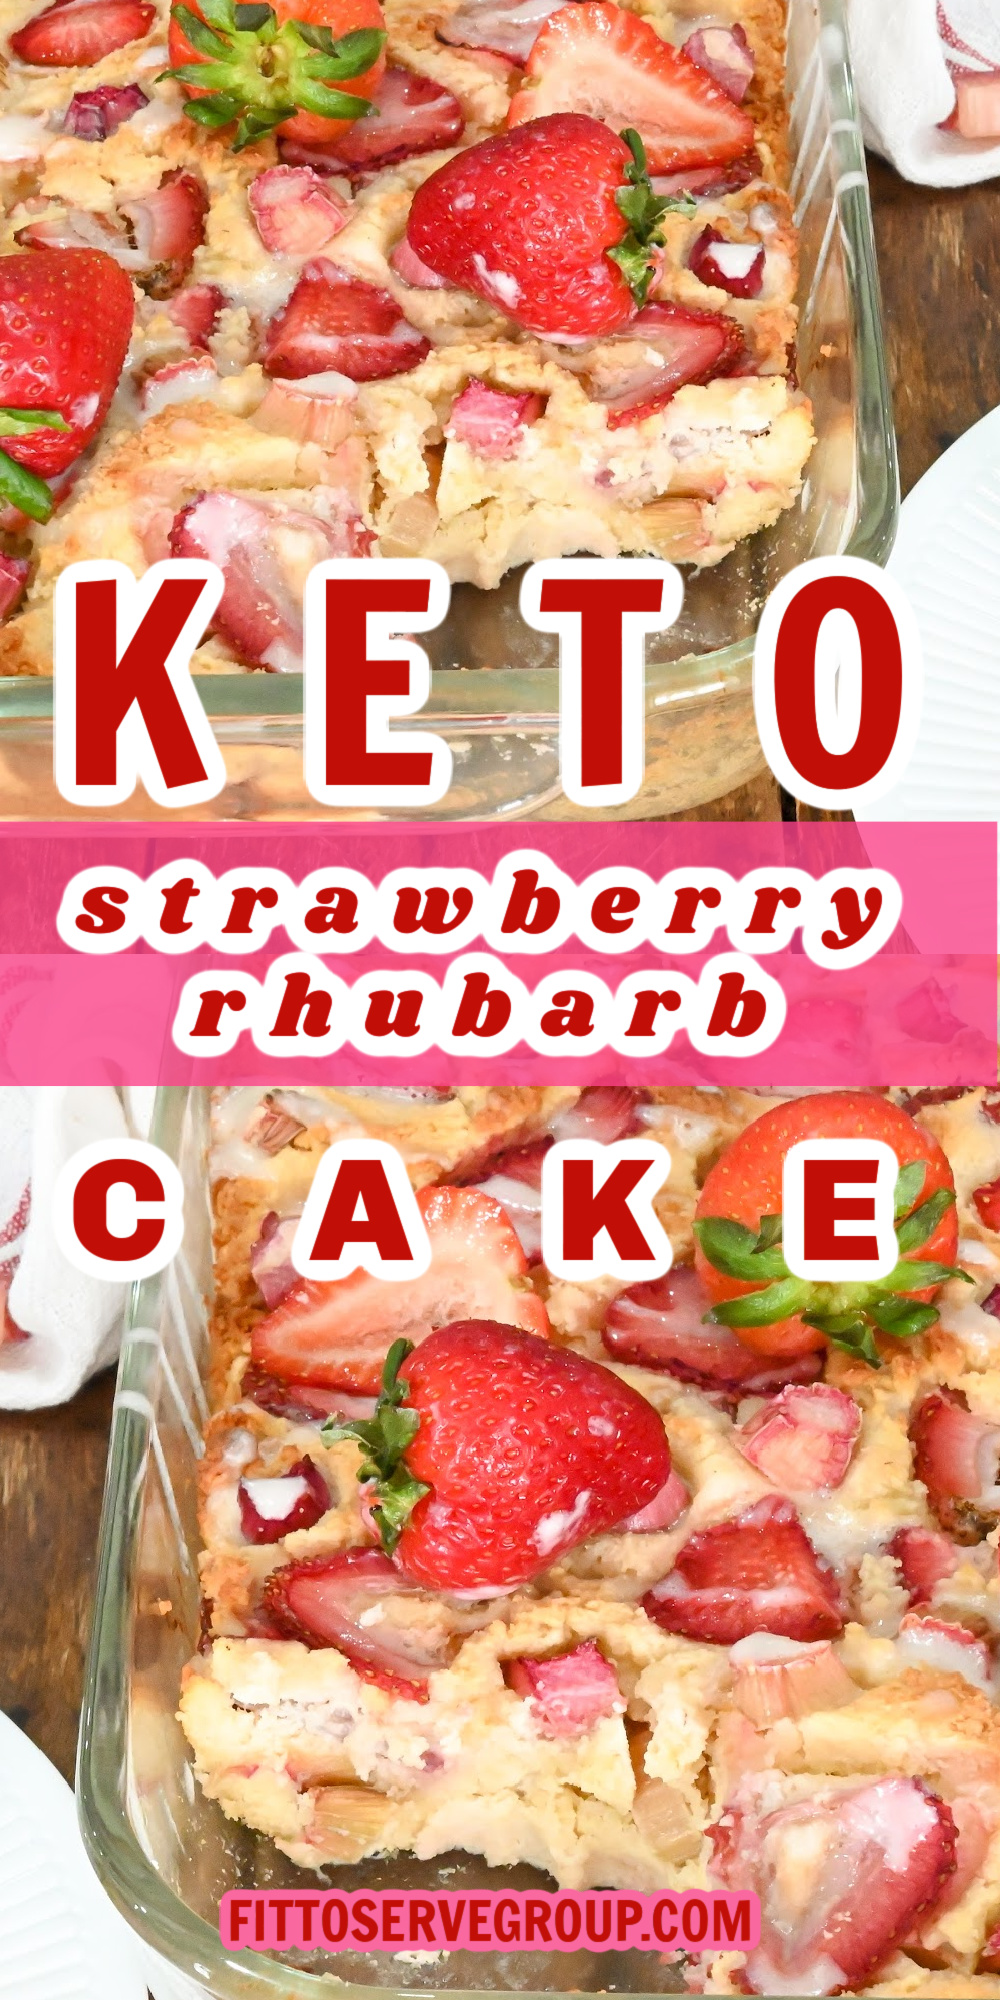 Keto strawberry rhubarb cake